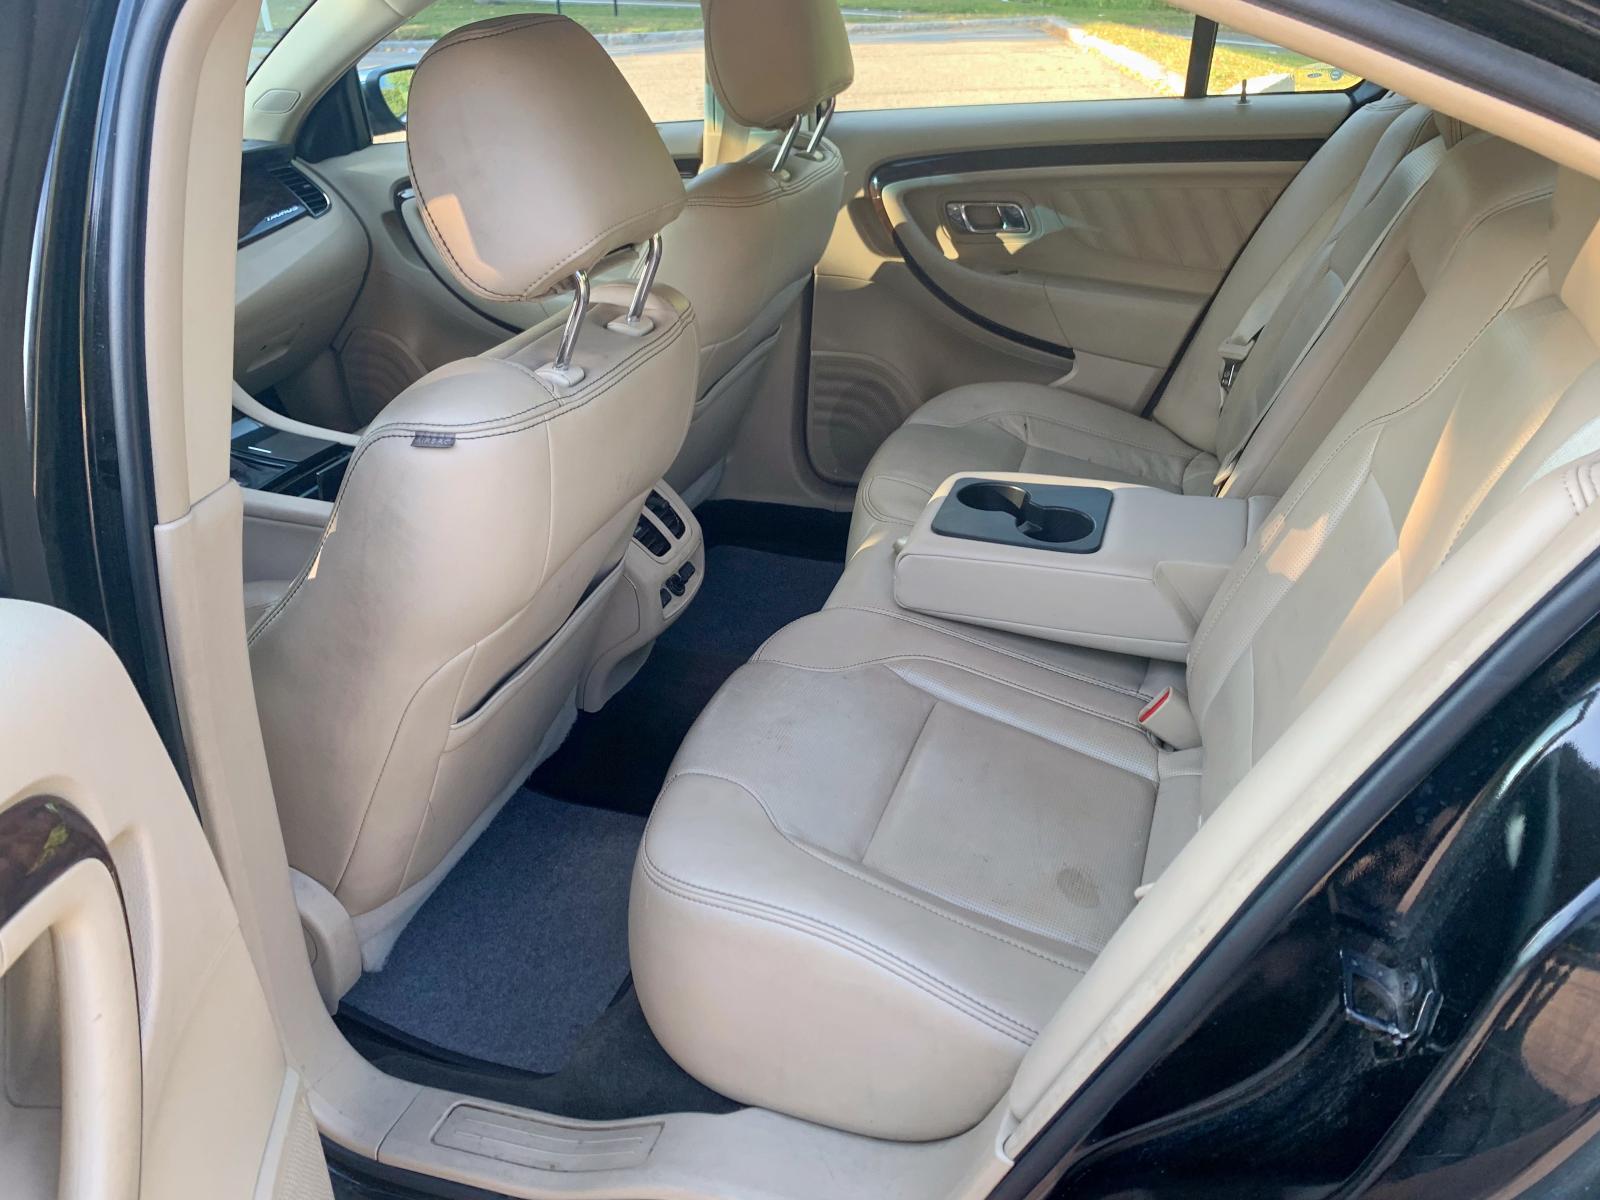 1FAHP2J81DG179537 - 2013 Ford Taurus Lim 3.5L detail view